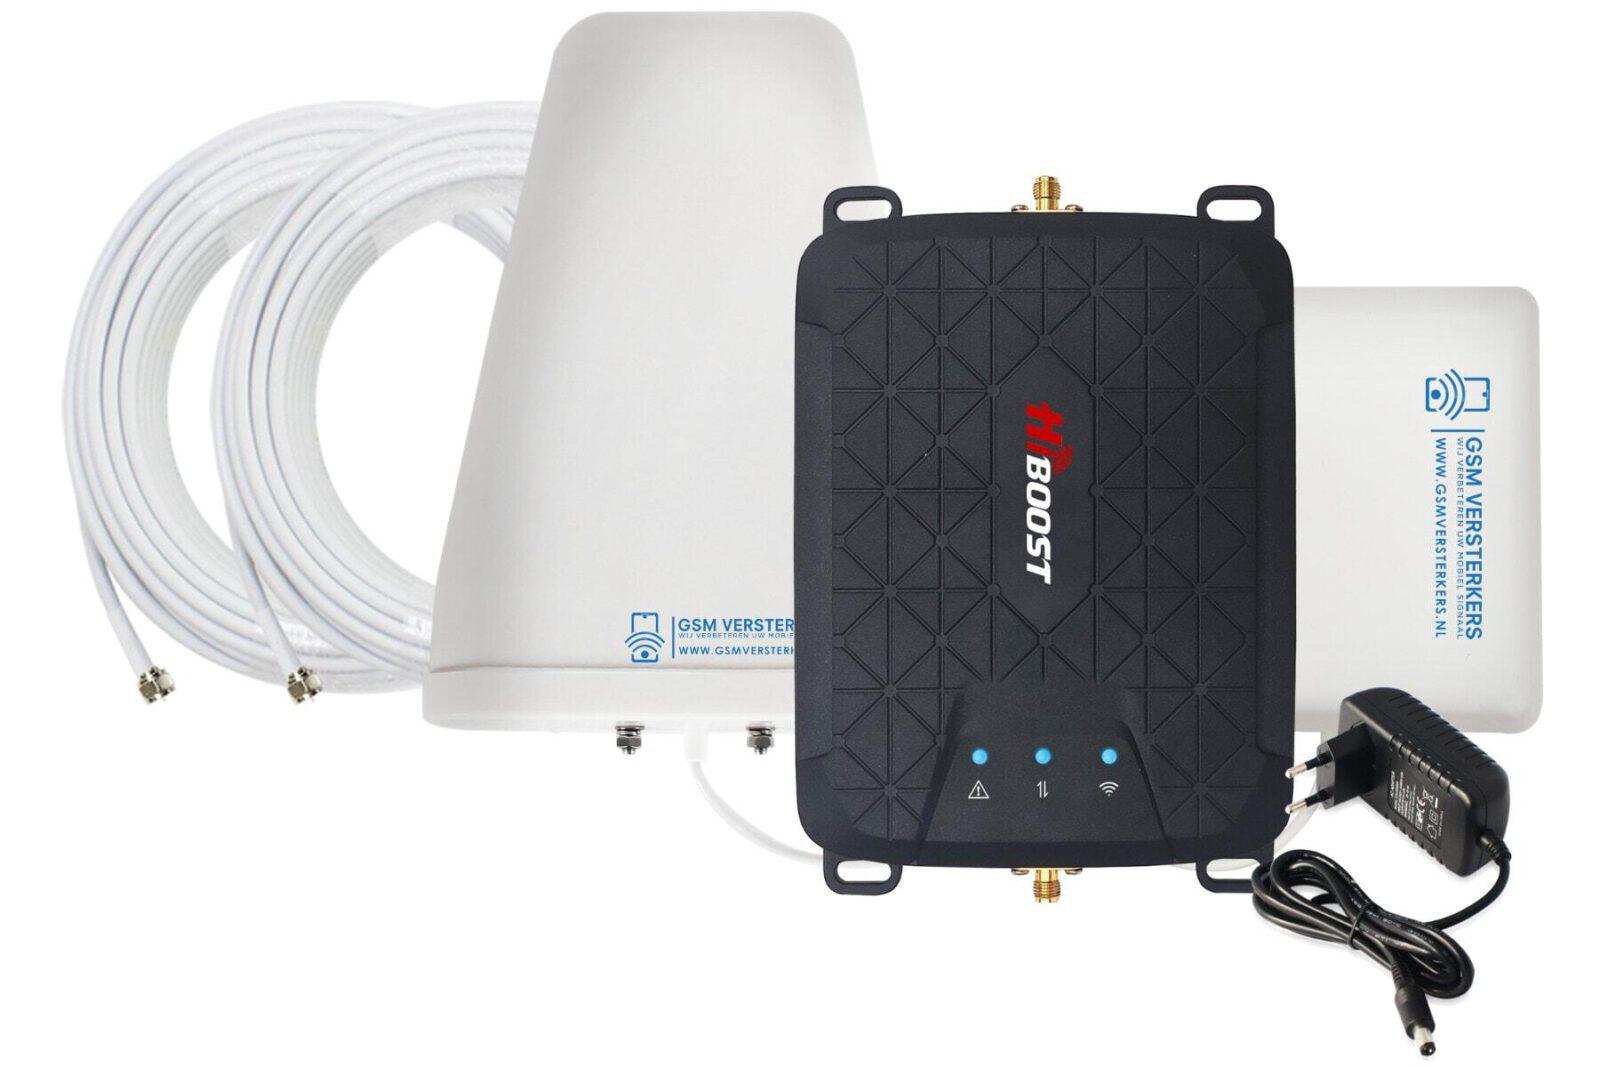 Hiboost Hi13-5s complete set met 2G,3G en 4G bij gsmversterkers.nl